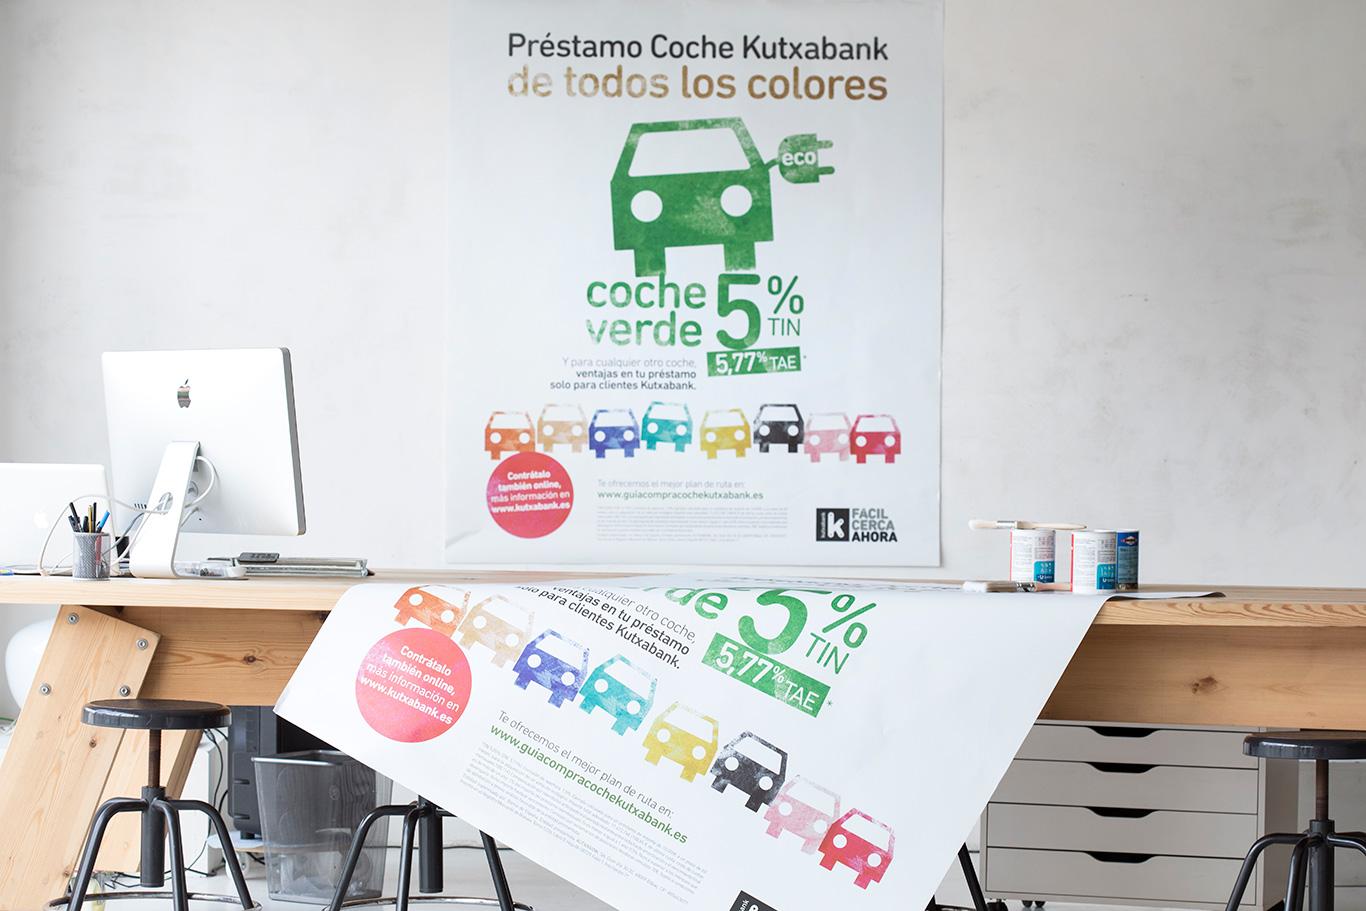 Kutxabank préstamo coche Carteles Campaña de Comunicación